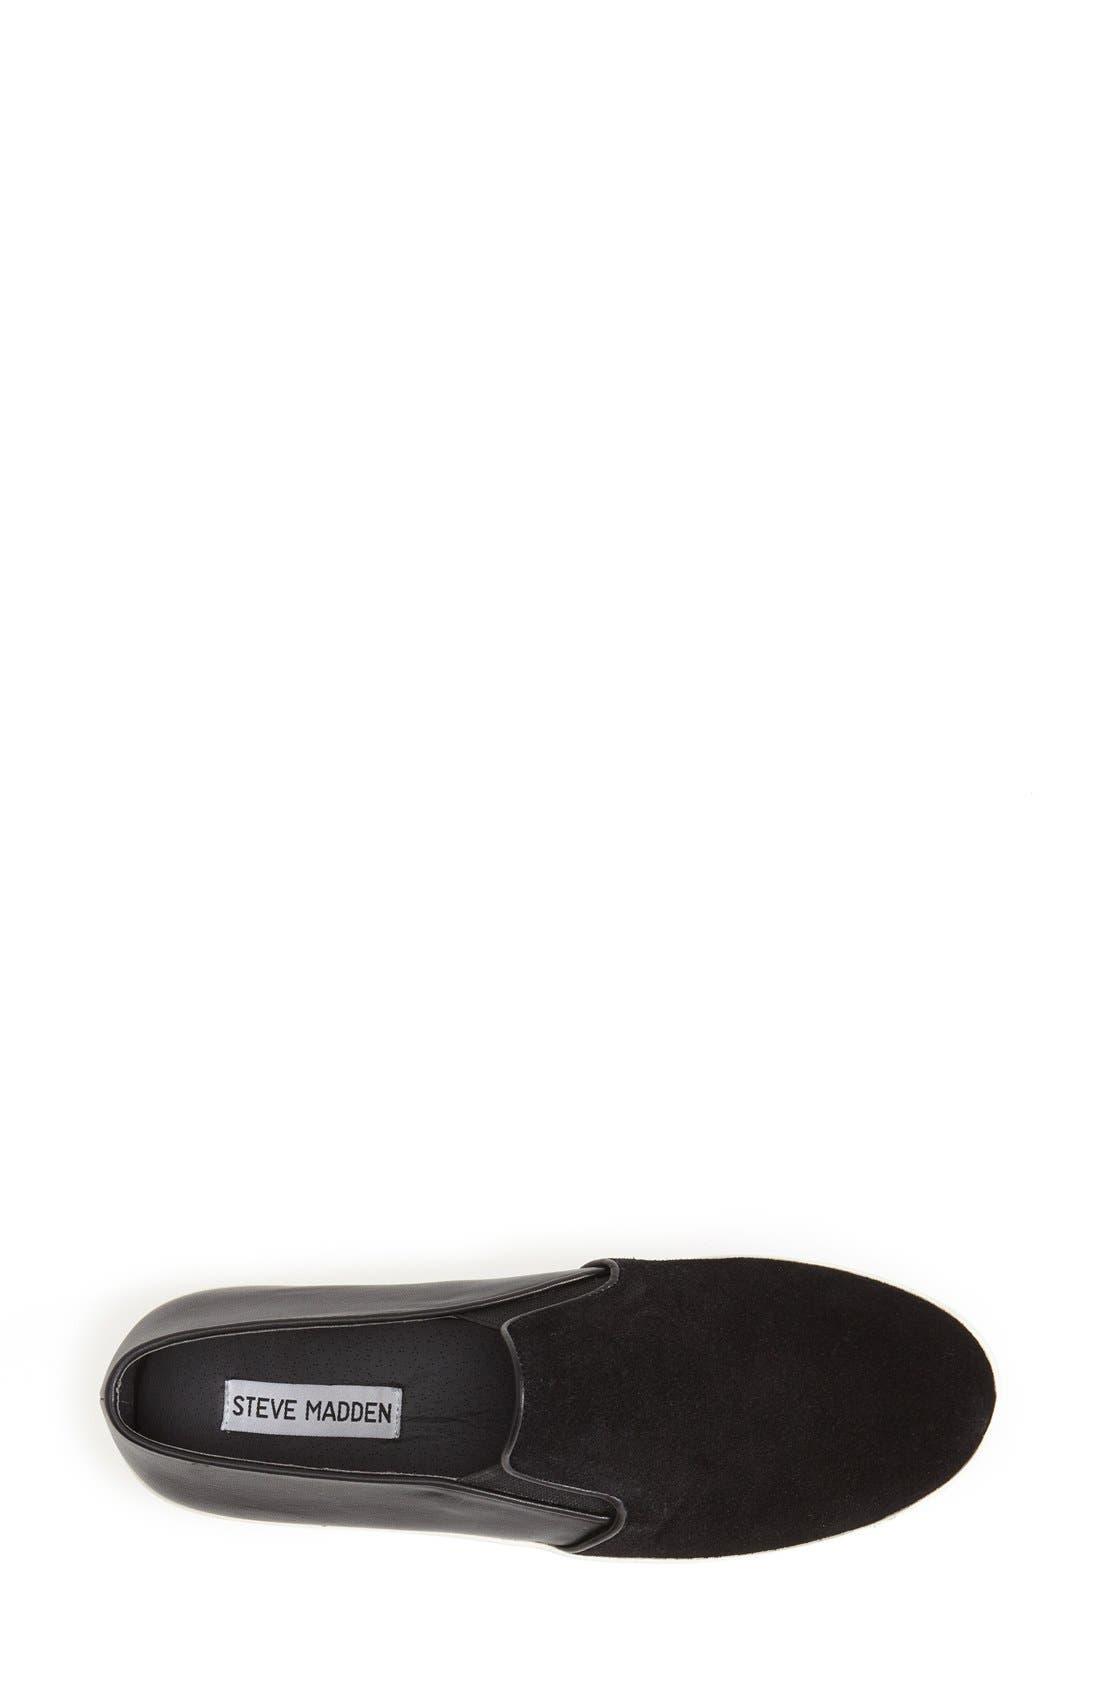 Alternate Image 3  - Steve Madden 'Buhba' Slip-On Sneaker (Women)